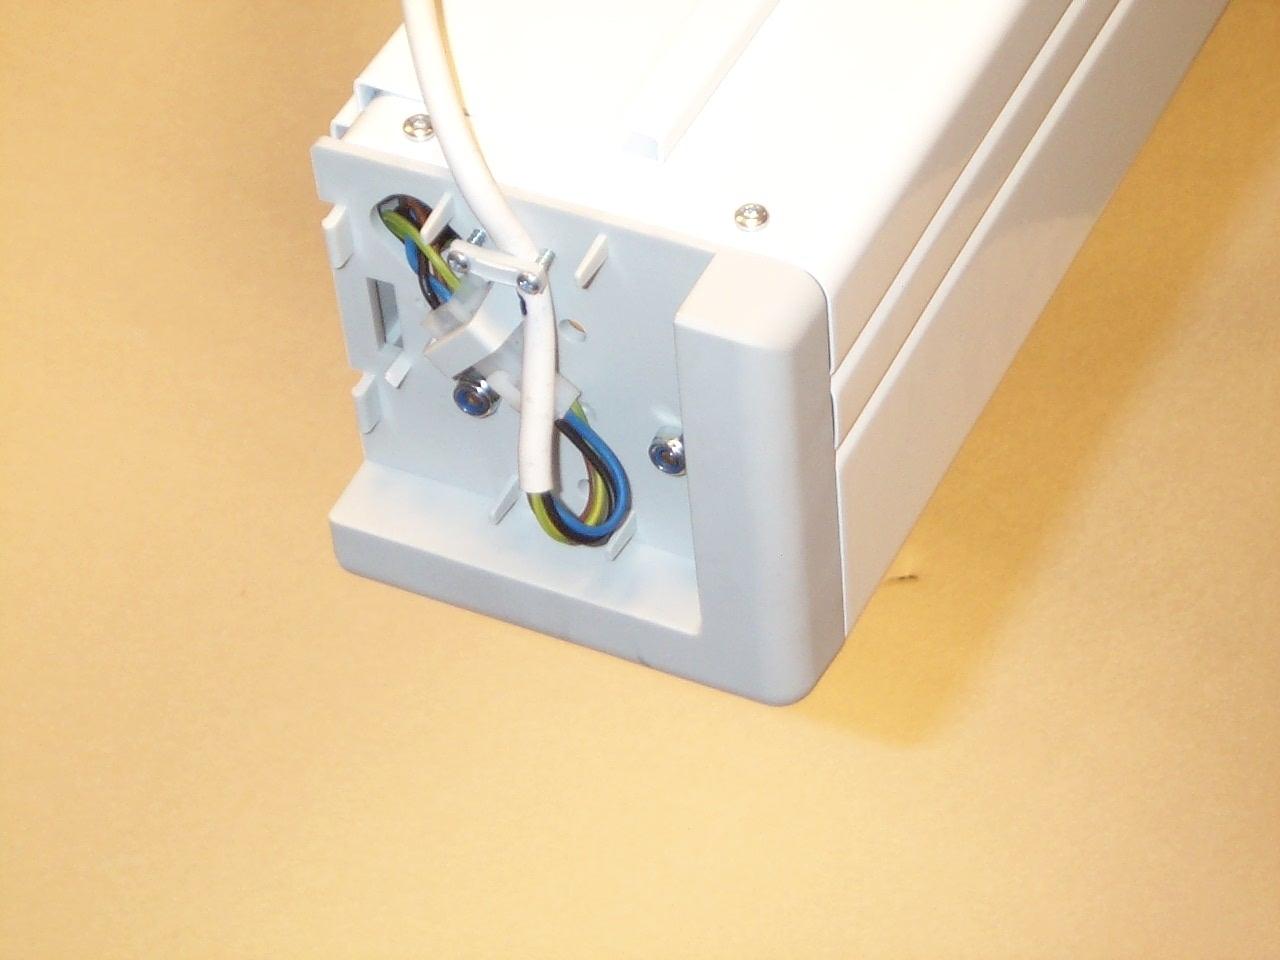 Projecta Elpro Electrol 180x180 Matte White M 1:1 schermo per proiettore